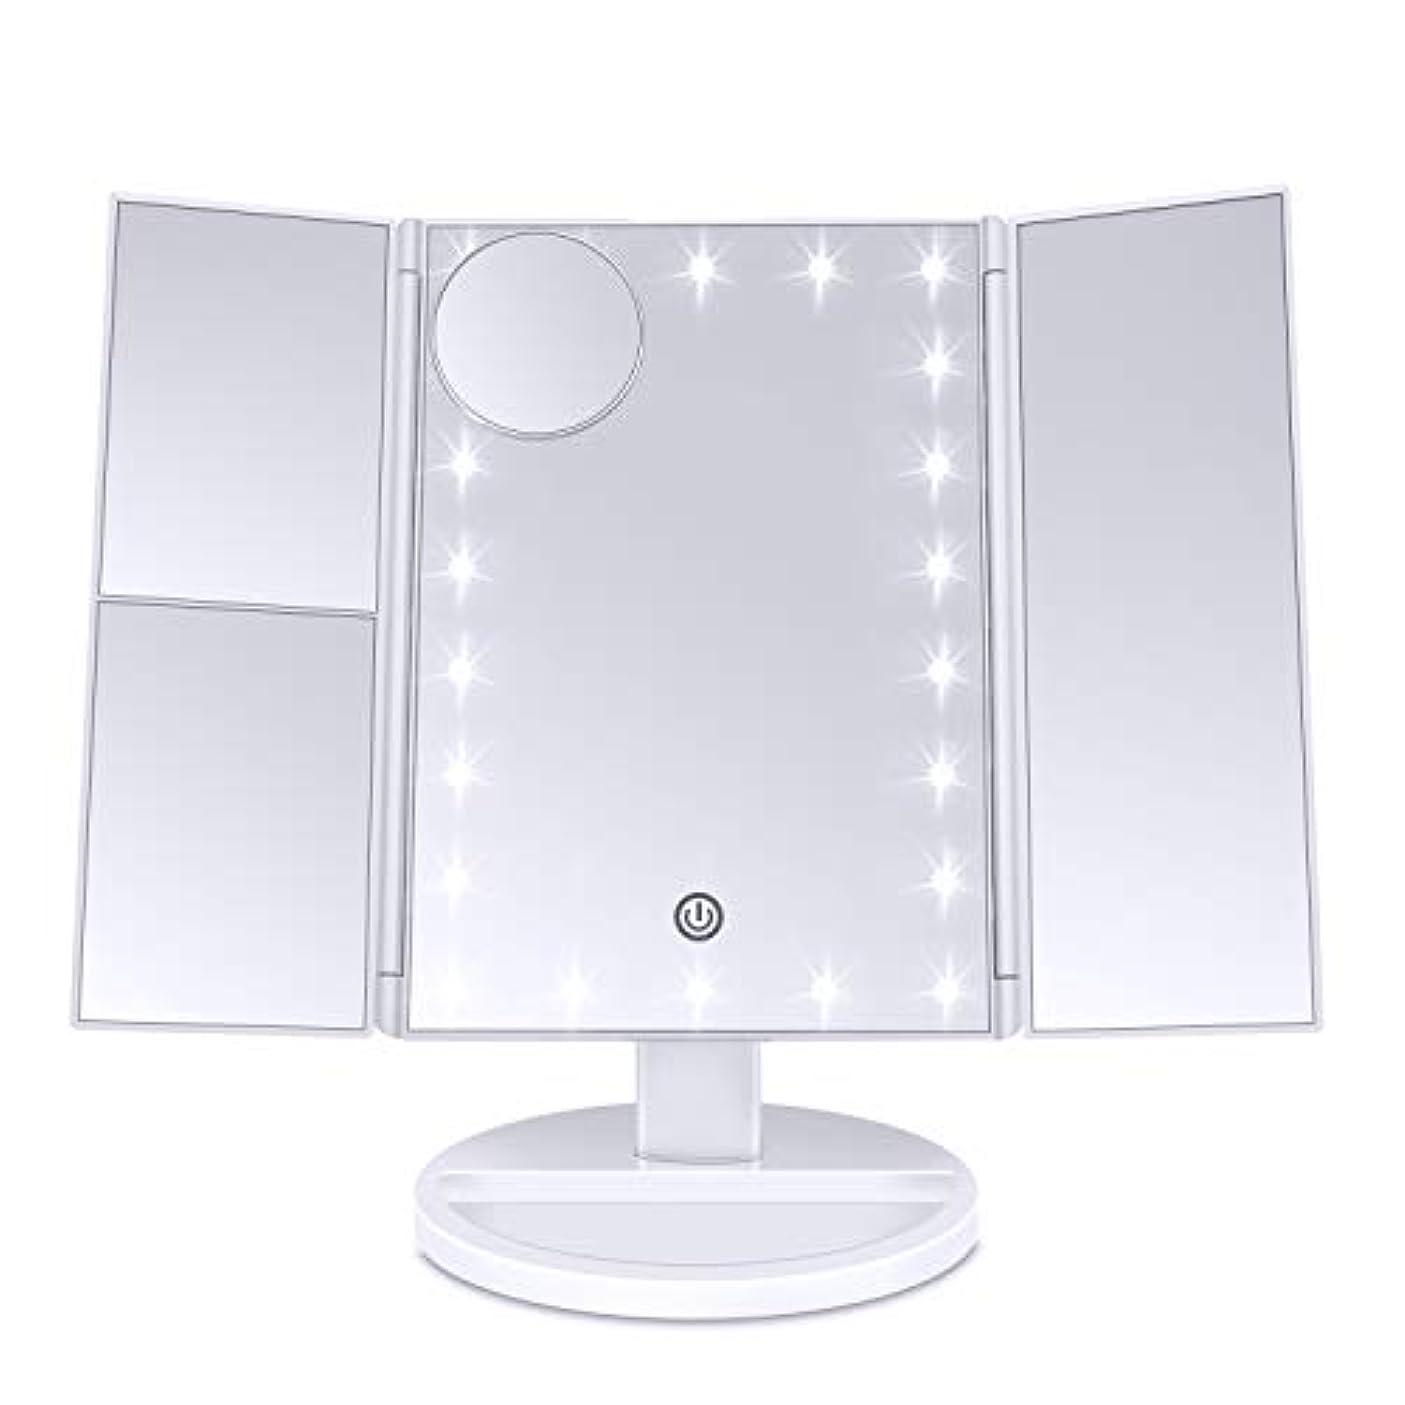 の面では推進、動かすスケッチLirex ライト三つ折り化粧鏡、LED折りたたみ式1倍2倍3倍10倍拡大化粧鏡、三面鏡LED 付き、バニティミラー1X 2X 3X 10X化粧鏡 ledライト - 白い